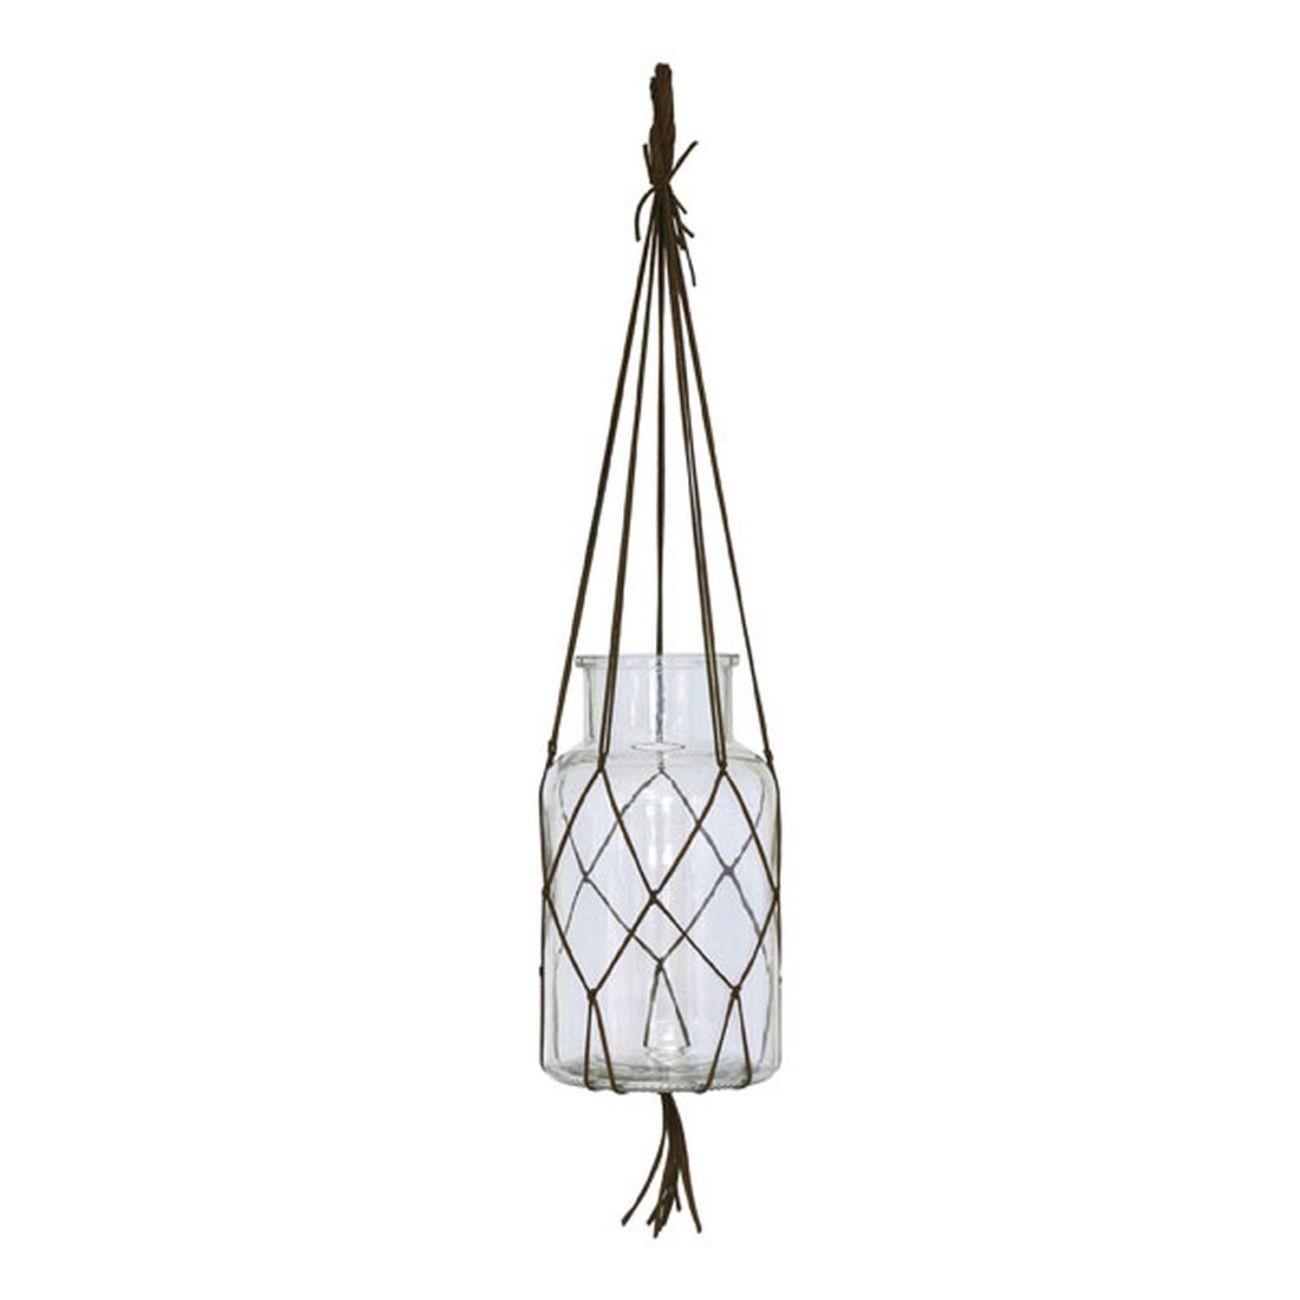 HK living hanging glass Vase hängend - M